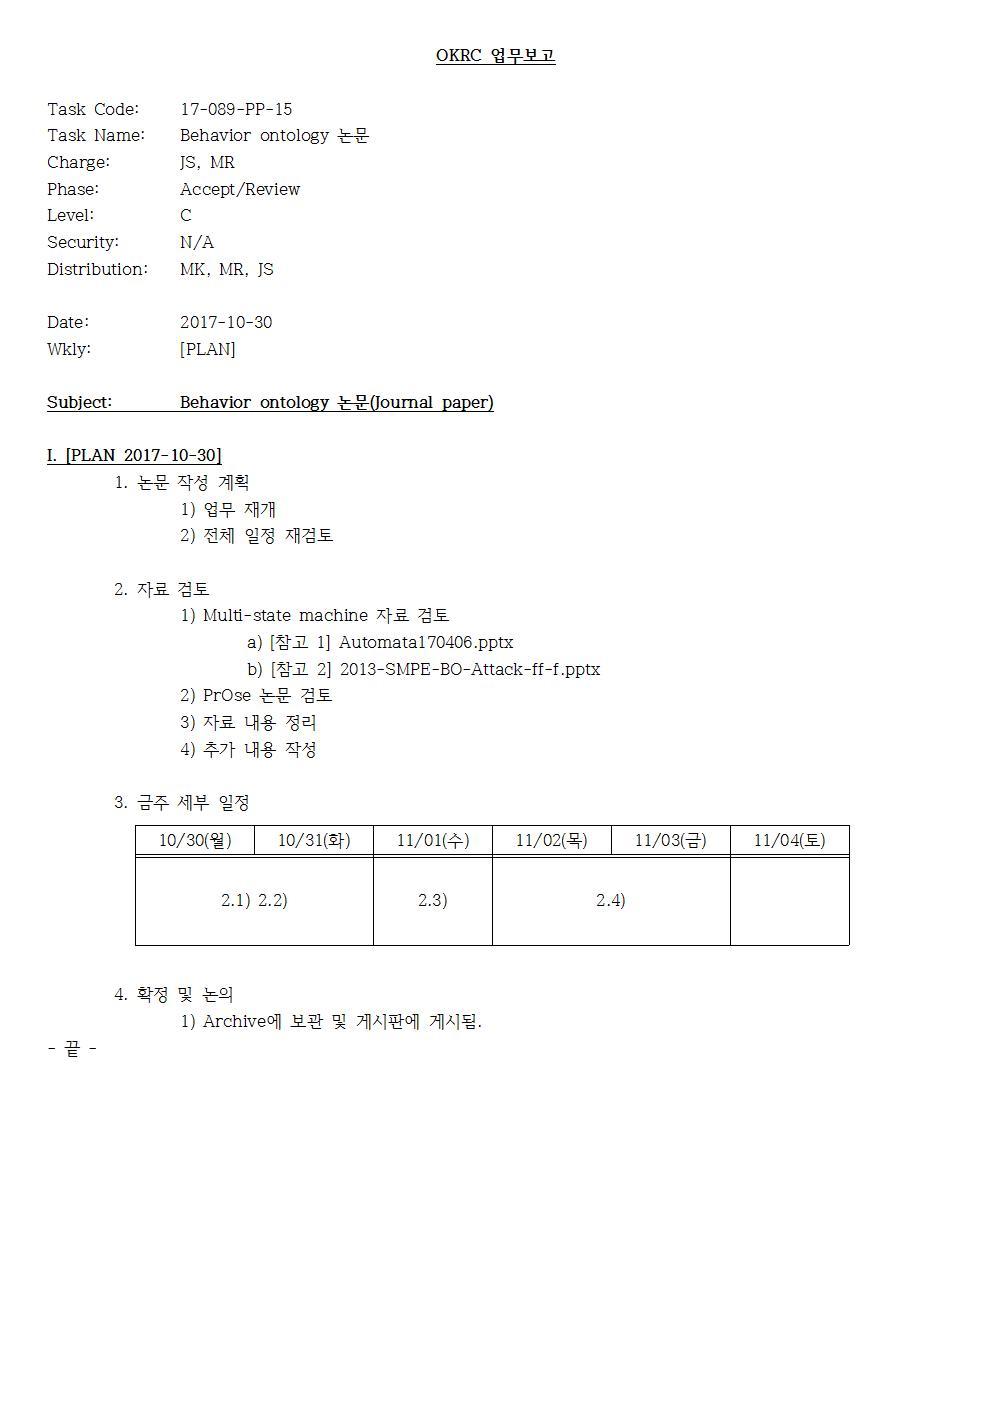 D-[17-089-PP-15]-[Bahevior Ontology Paper]-[JS]-[2017-10-30]-[PLAN]001.jpg